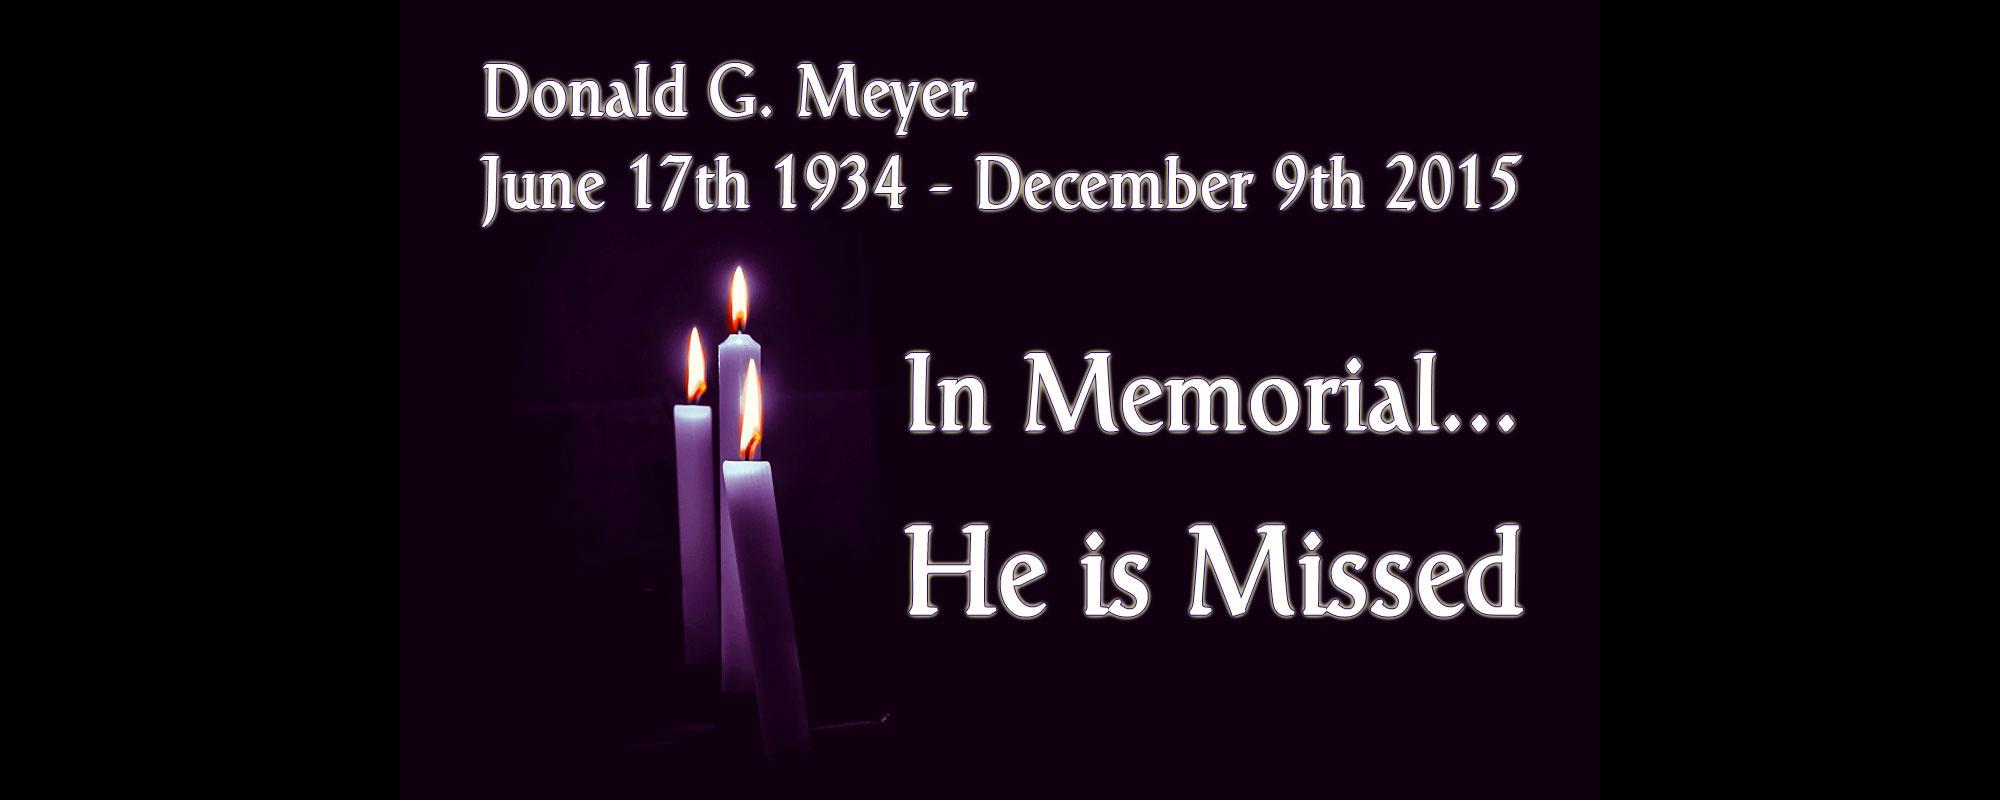 In Memorial- Donald G. Meyer